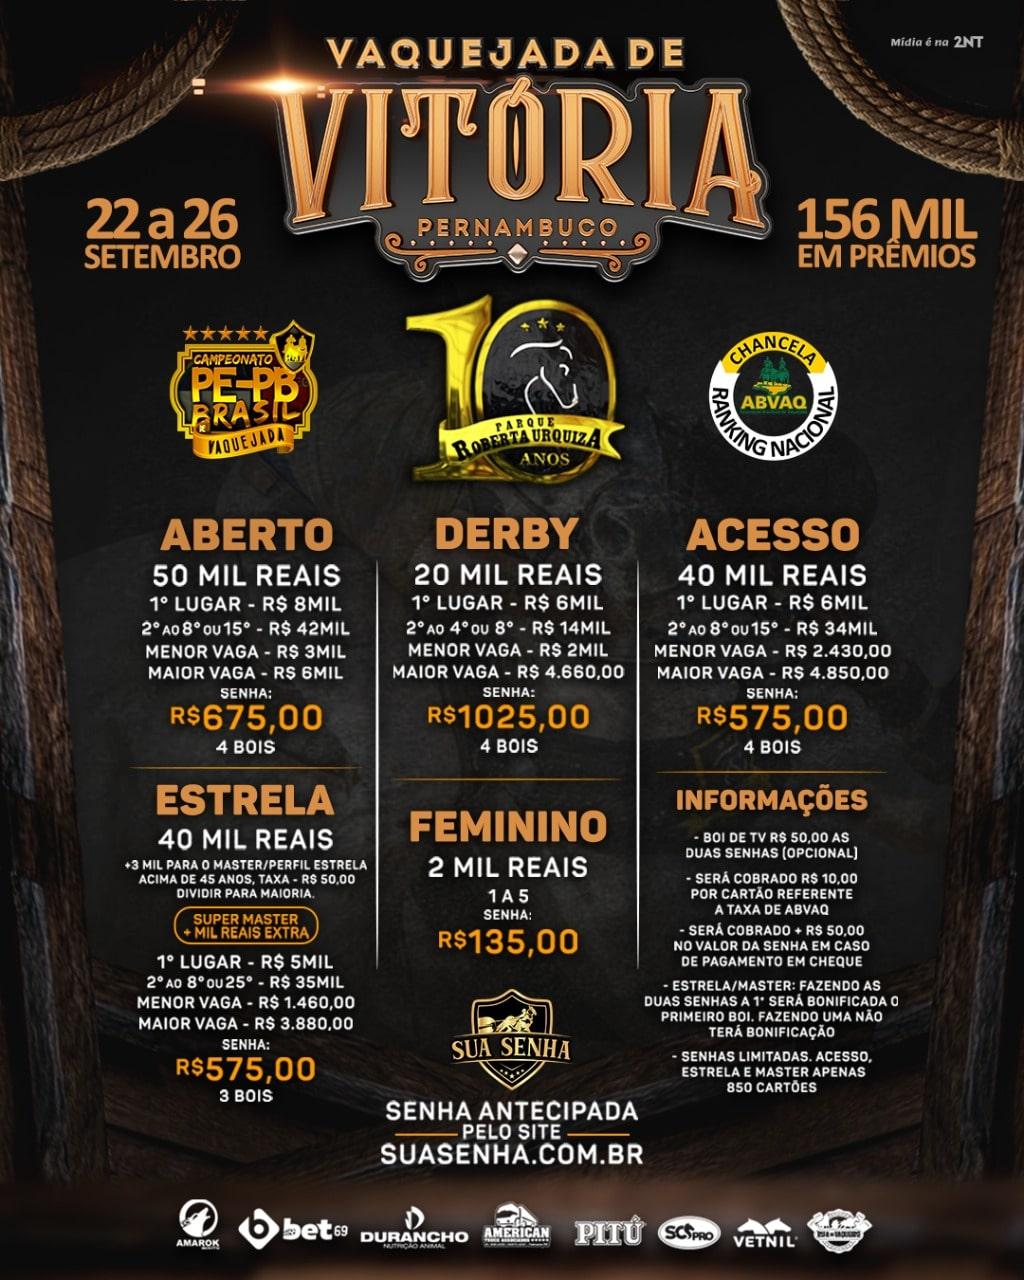 Vaquejada de Vitória